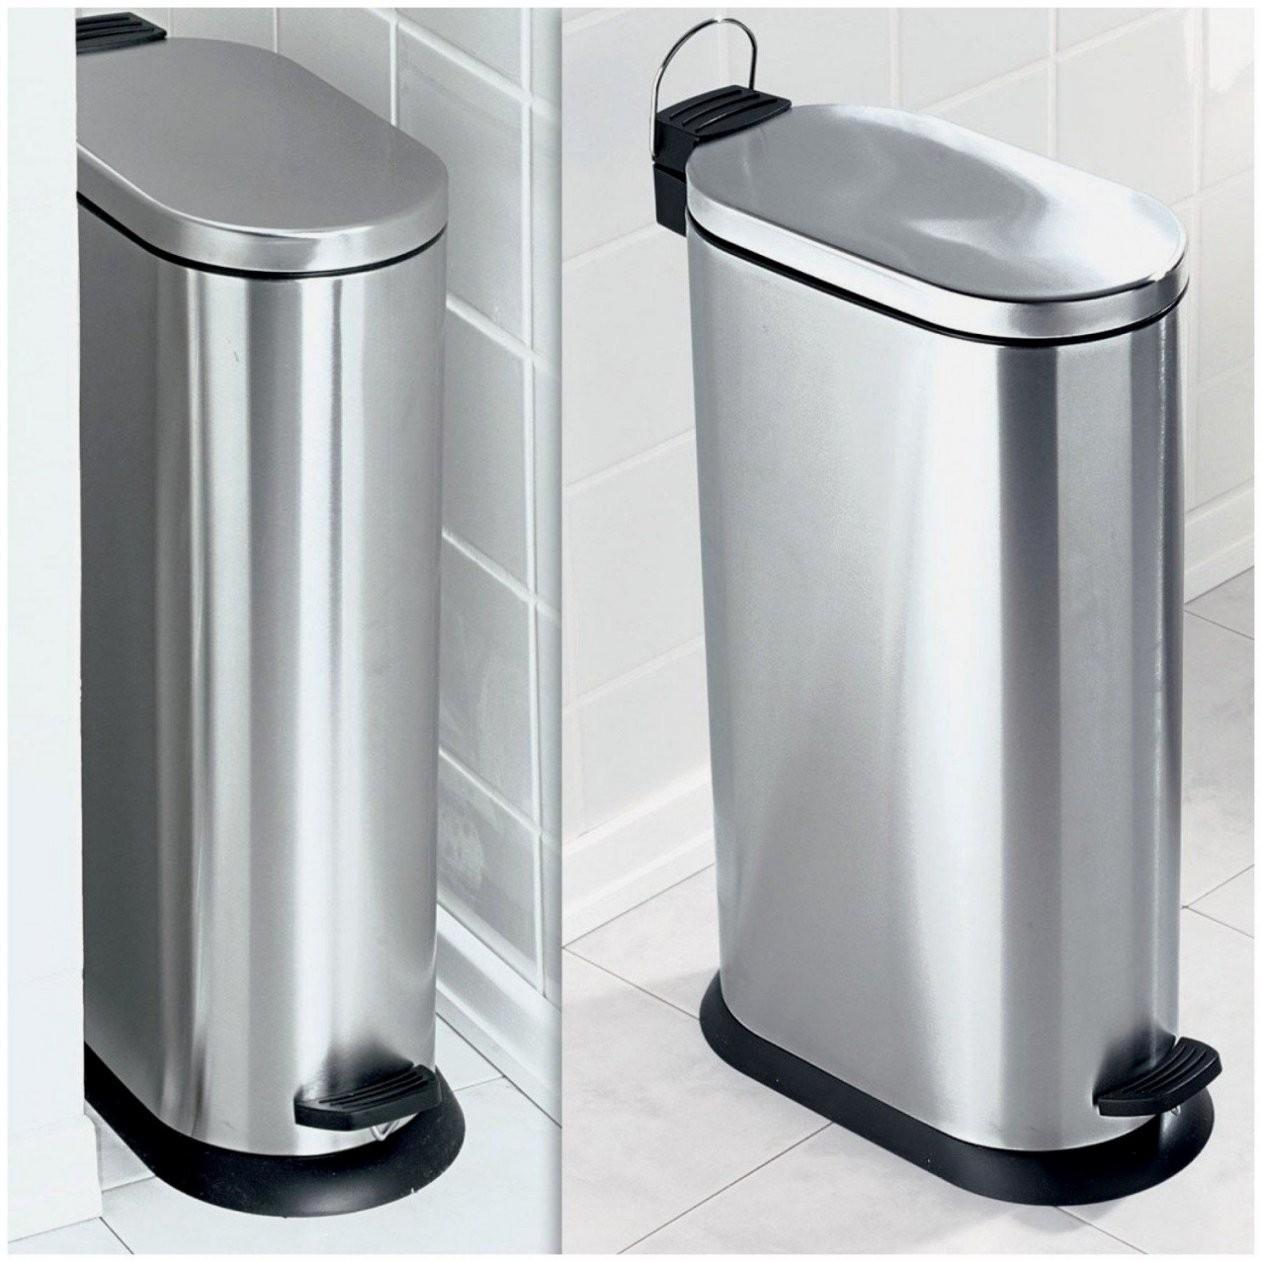 Duo Mülleimer Küche  Mülleimer Uni von Schöne Mülleimer Für Die Küche Bild